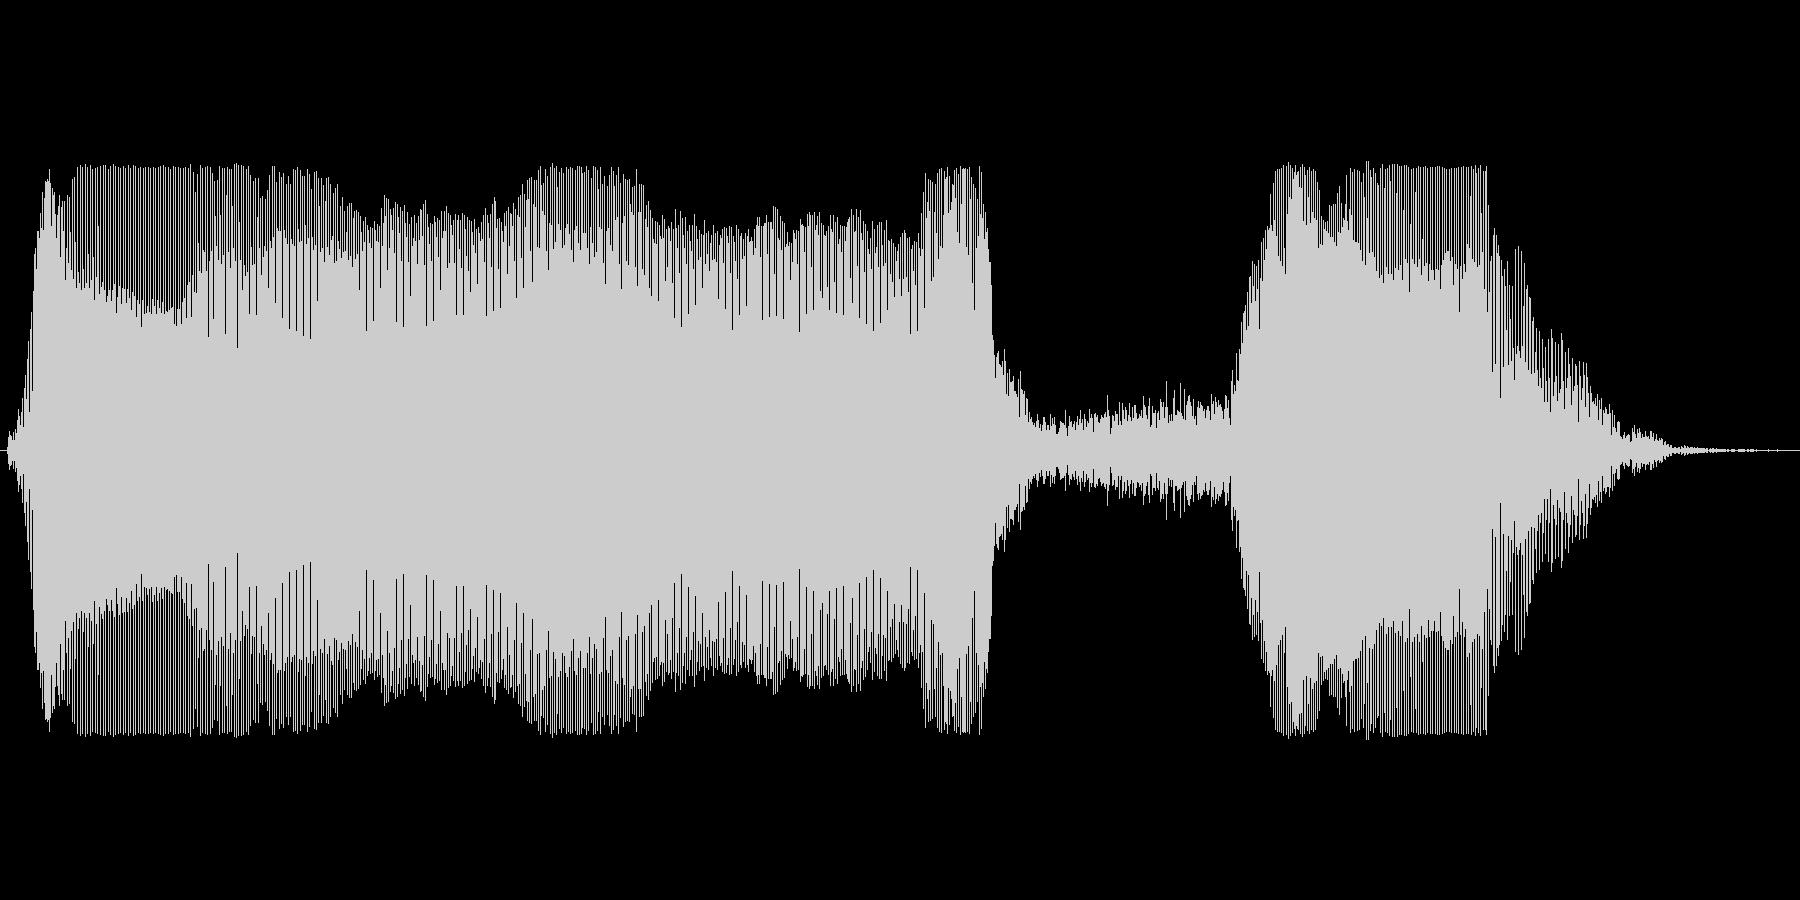 プーッシュ!の未再生の波形